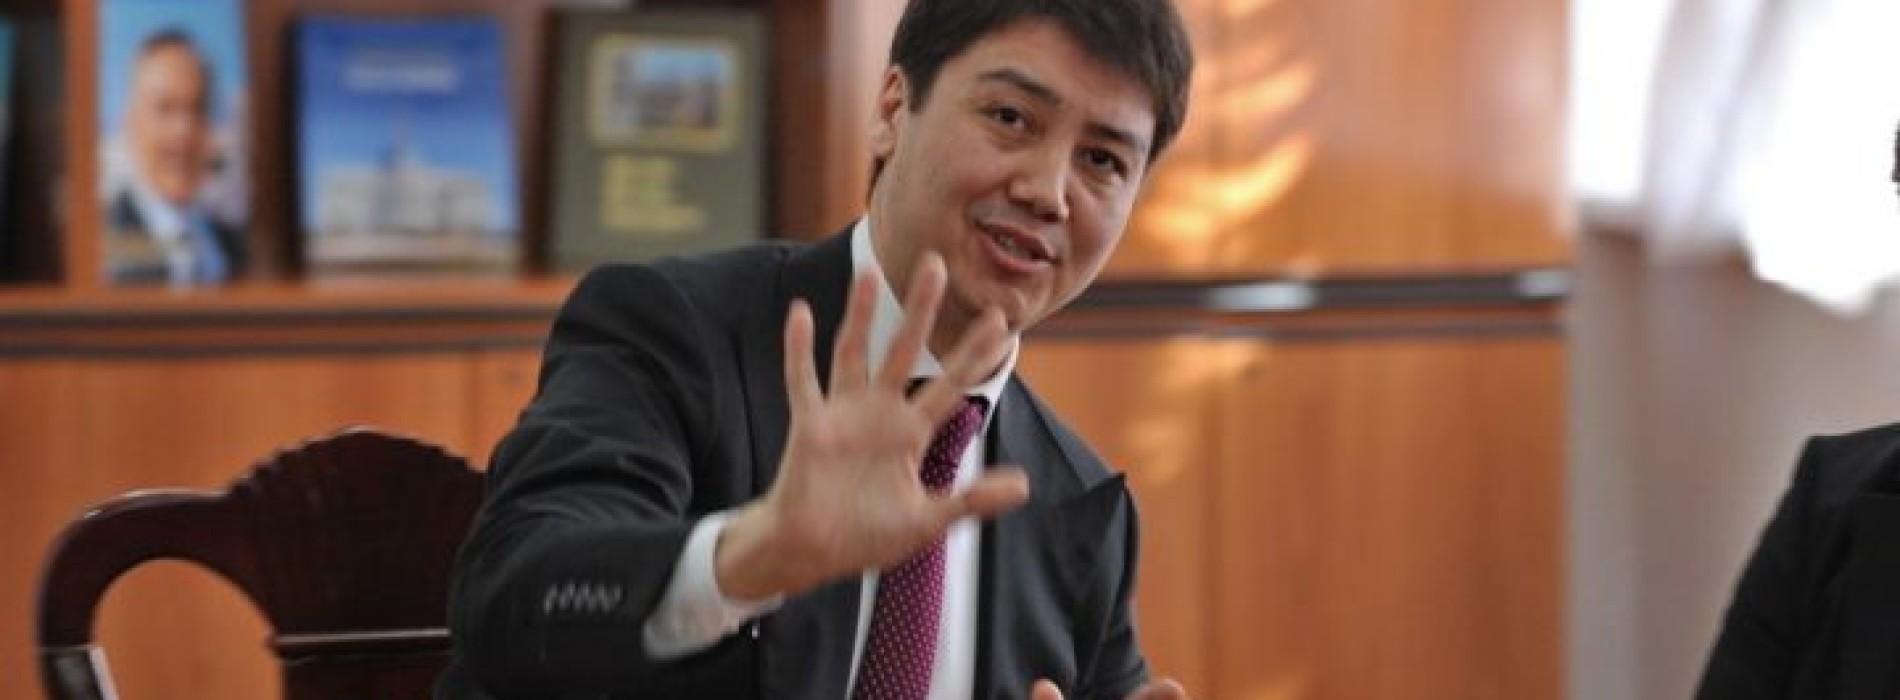 Вице-президентом КМГ стал министр «Патамушта»